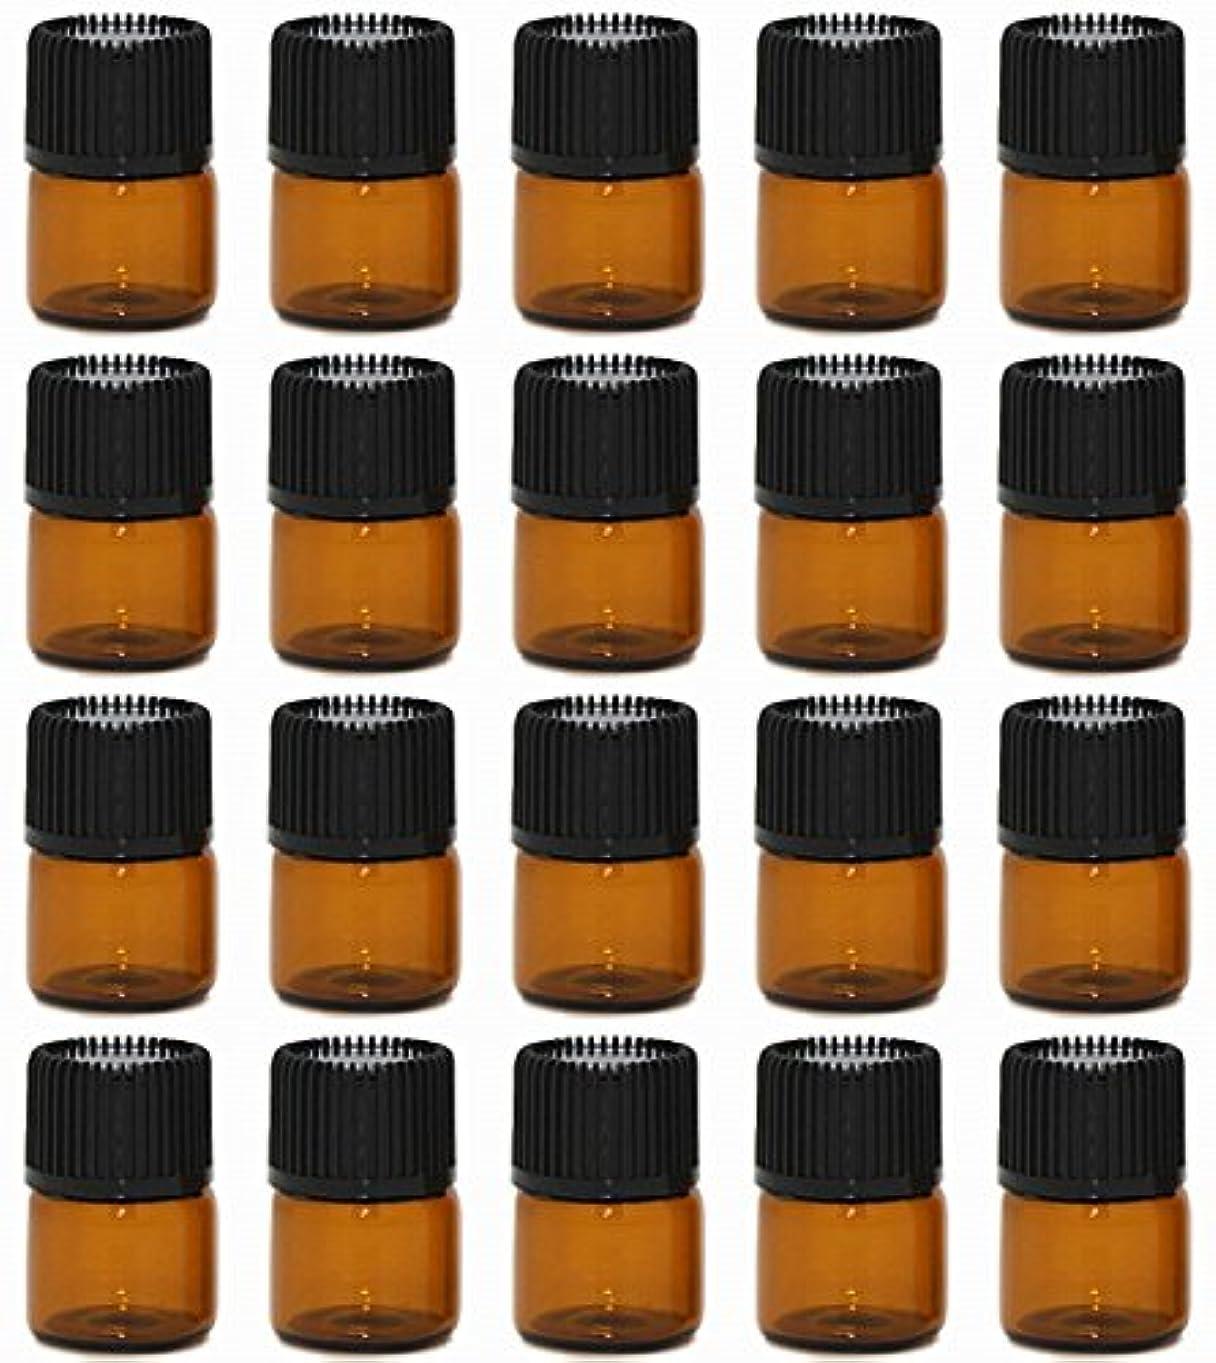 事実玉顕著【Rurumi】アロマオイル 精油 小分け用 遮光瓶 セット 茶 ガラス アロマ ボトル オイル 用 茶色 瓶 ビン エッセンシャルオイル 保存 詰替え (1ml 20本 セット)